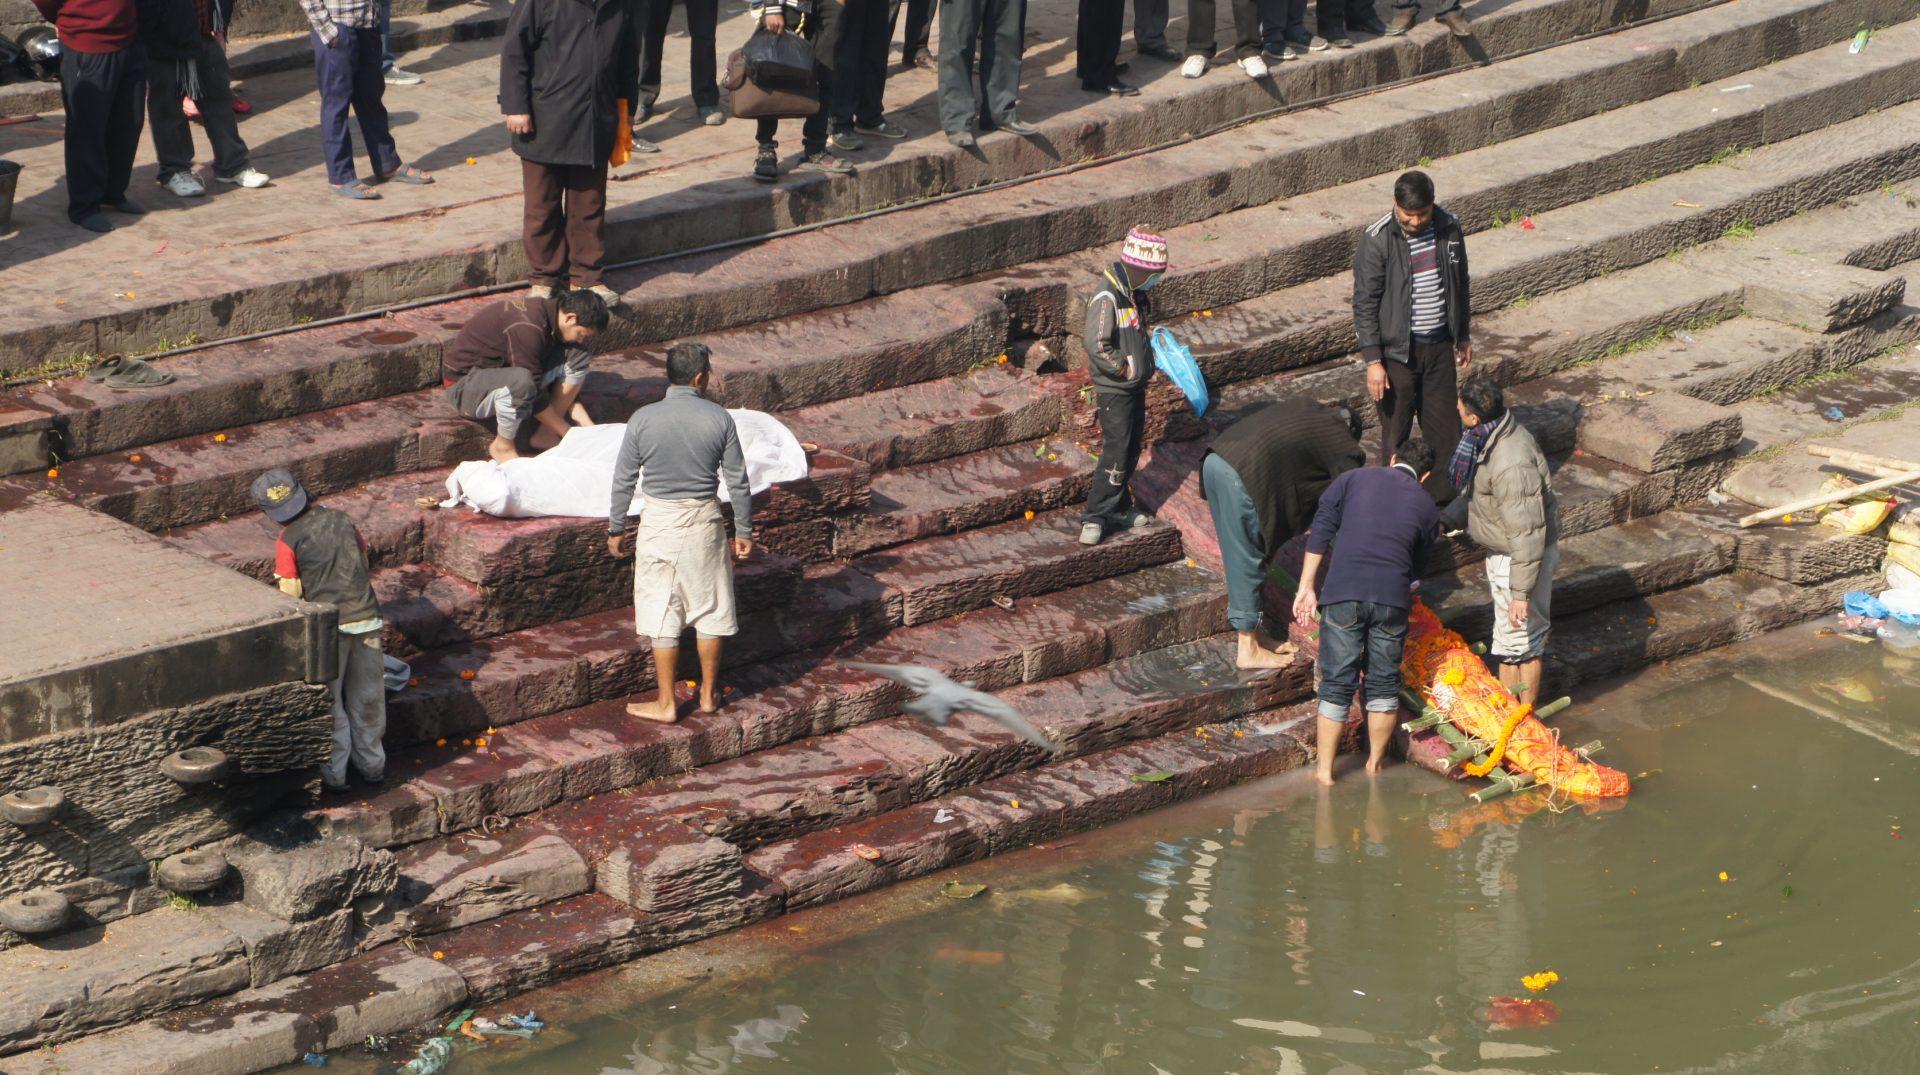 Mise à l'eau corps défunt ghât Pashupatinath Népal